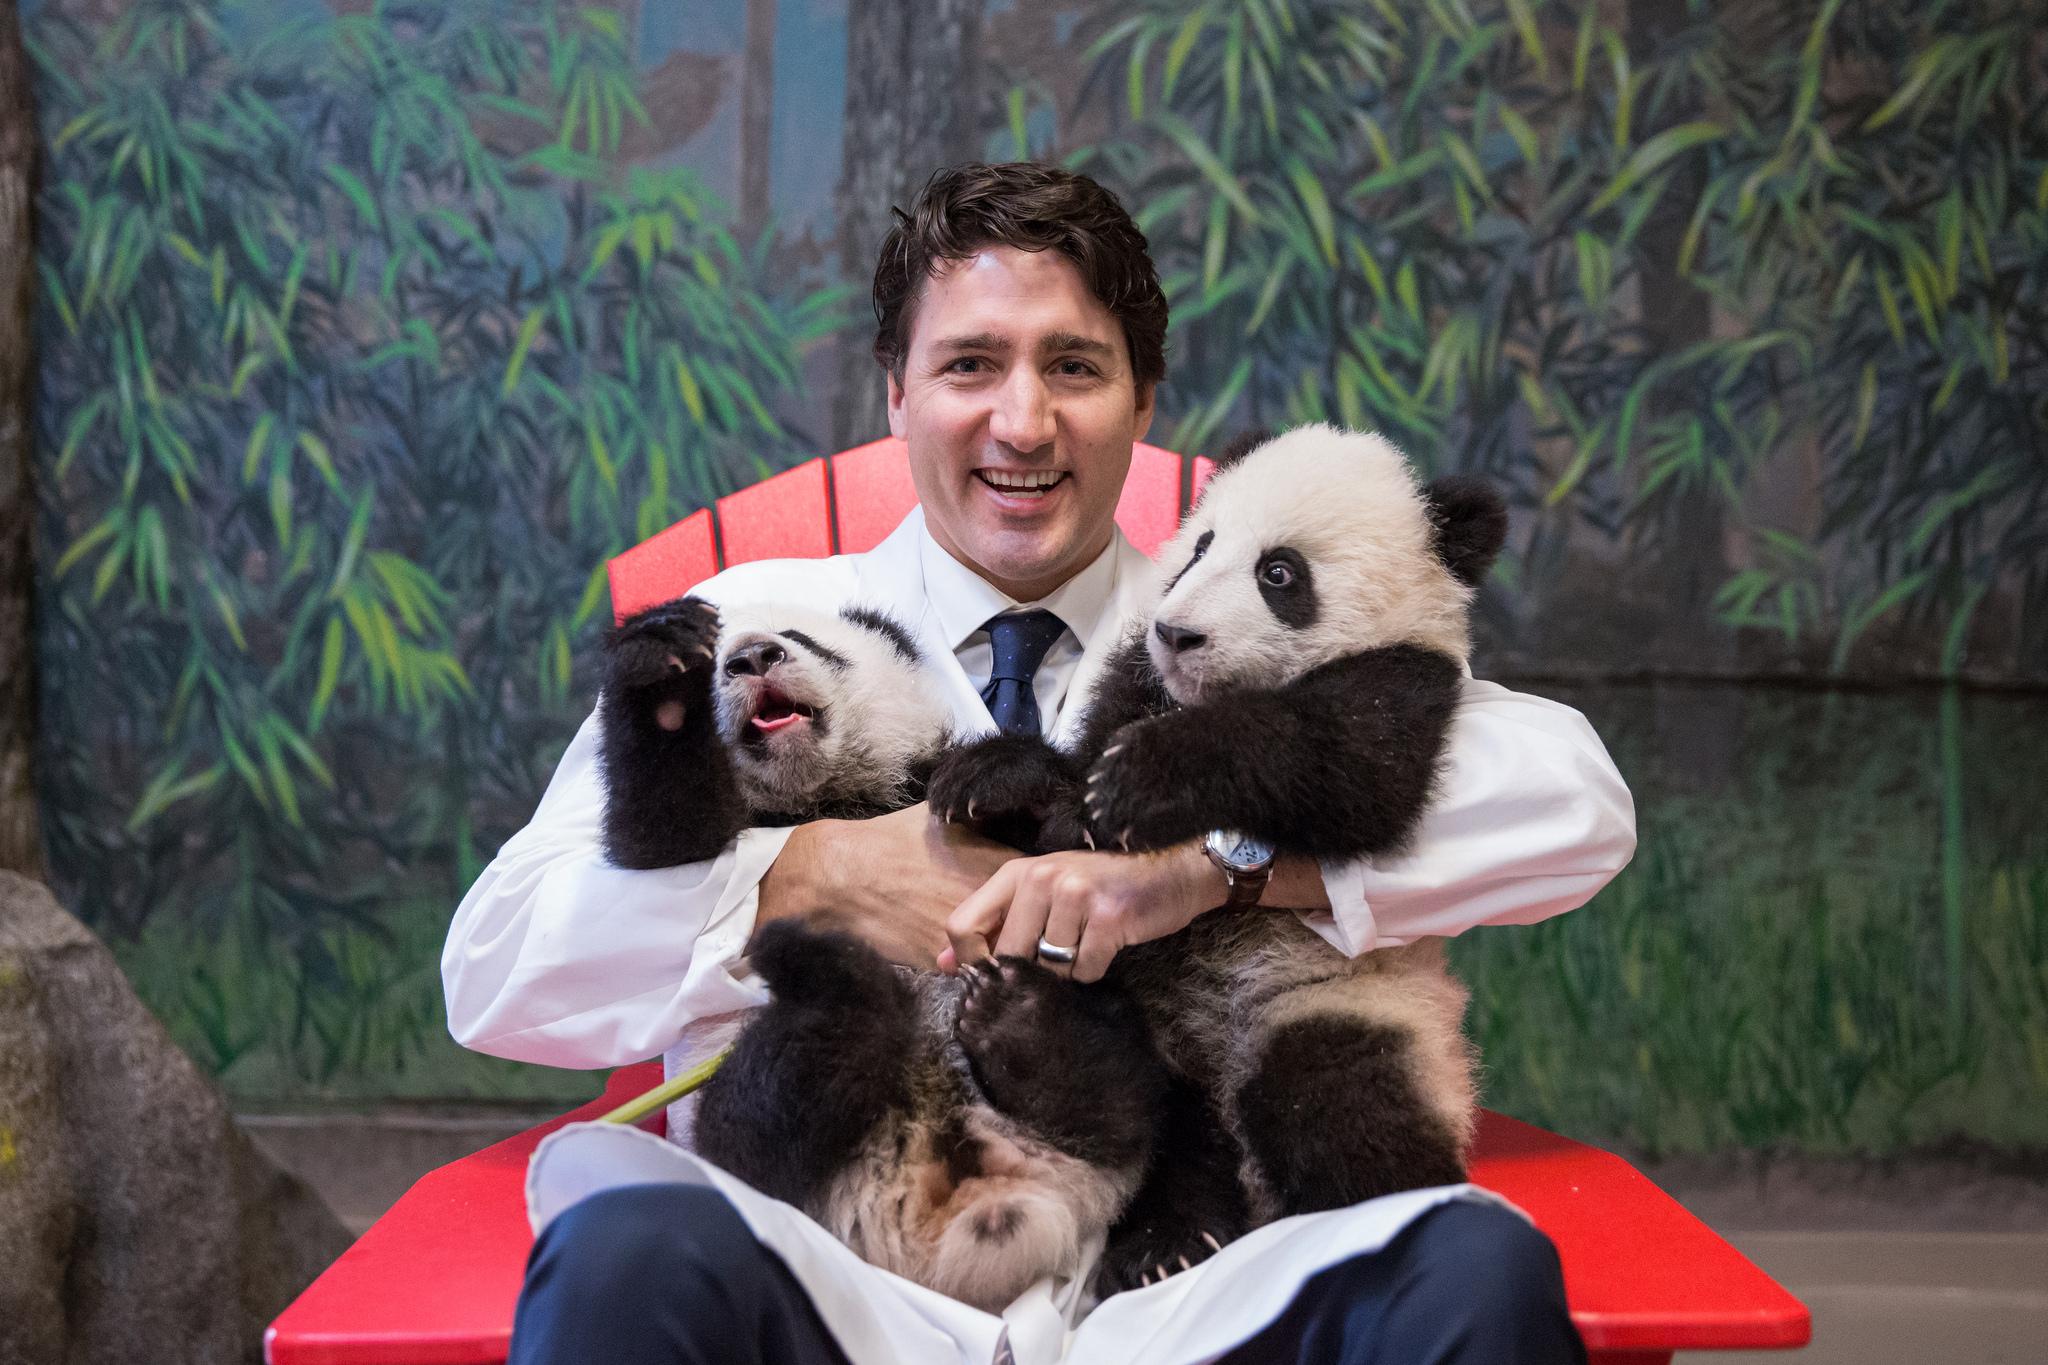 полиция человек что делать странное ответы почему Канада как лучше не делать